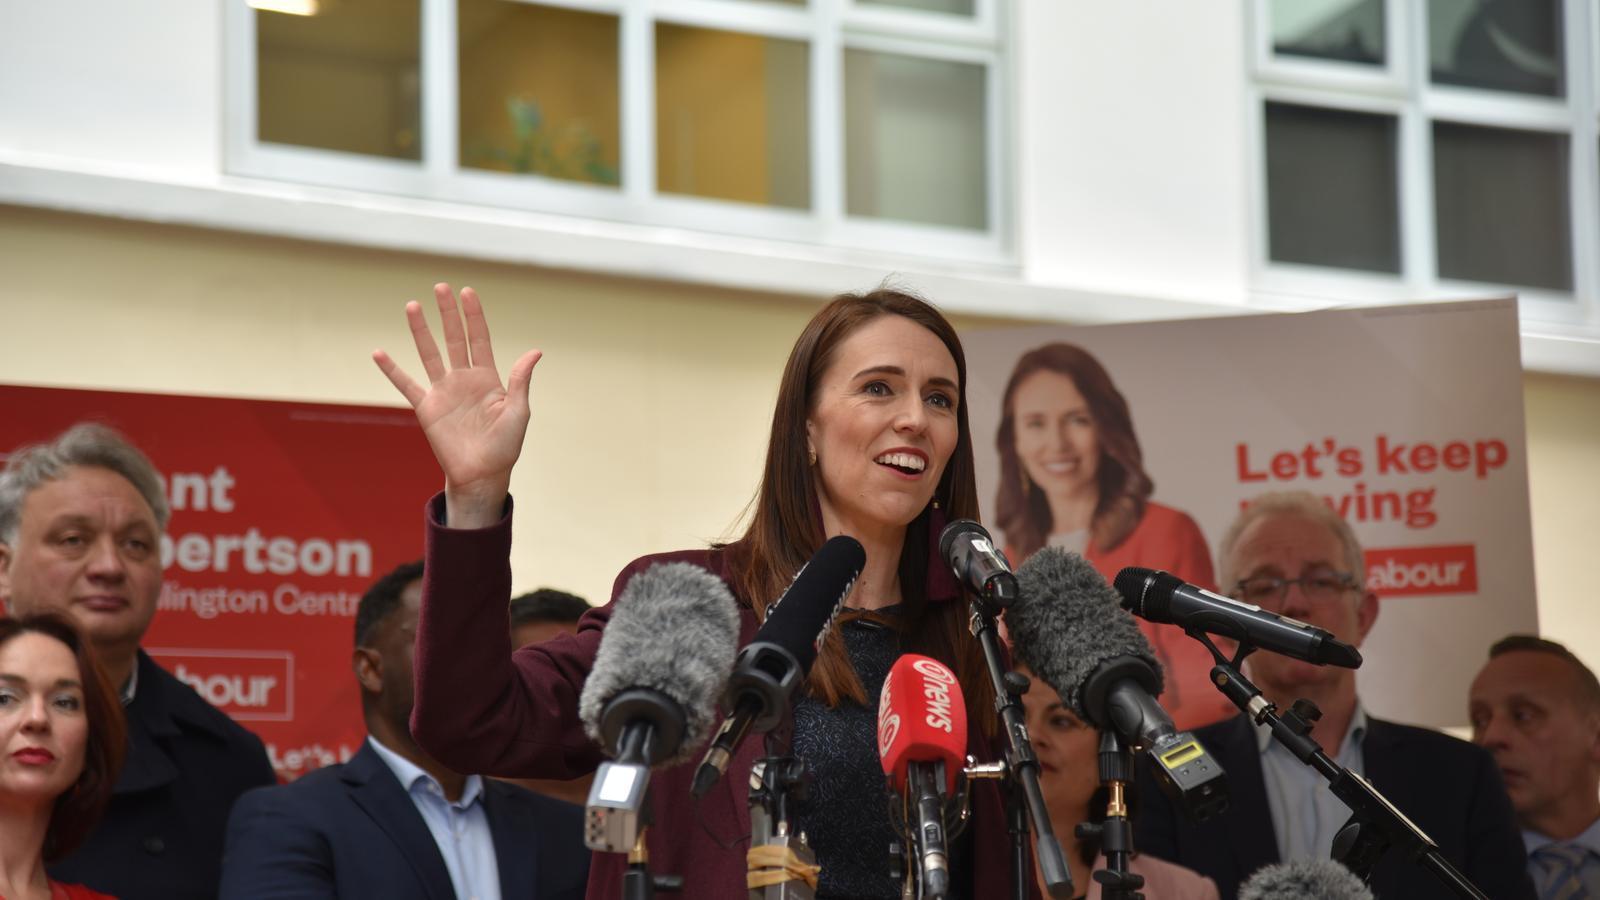 La 'jacindamania' s'enfronta a la primera revàlida electoral a Nova Zelanda